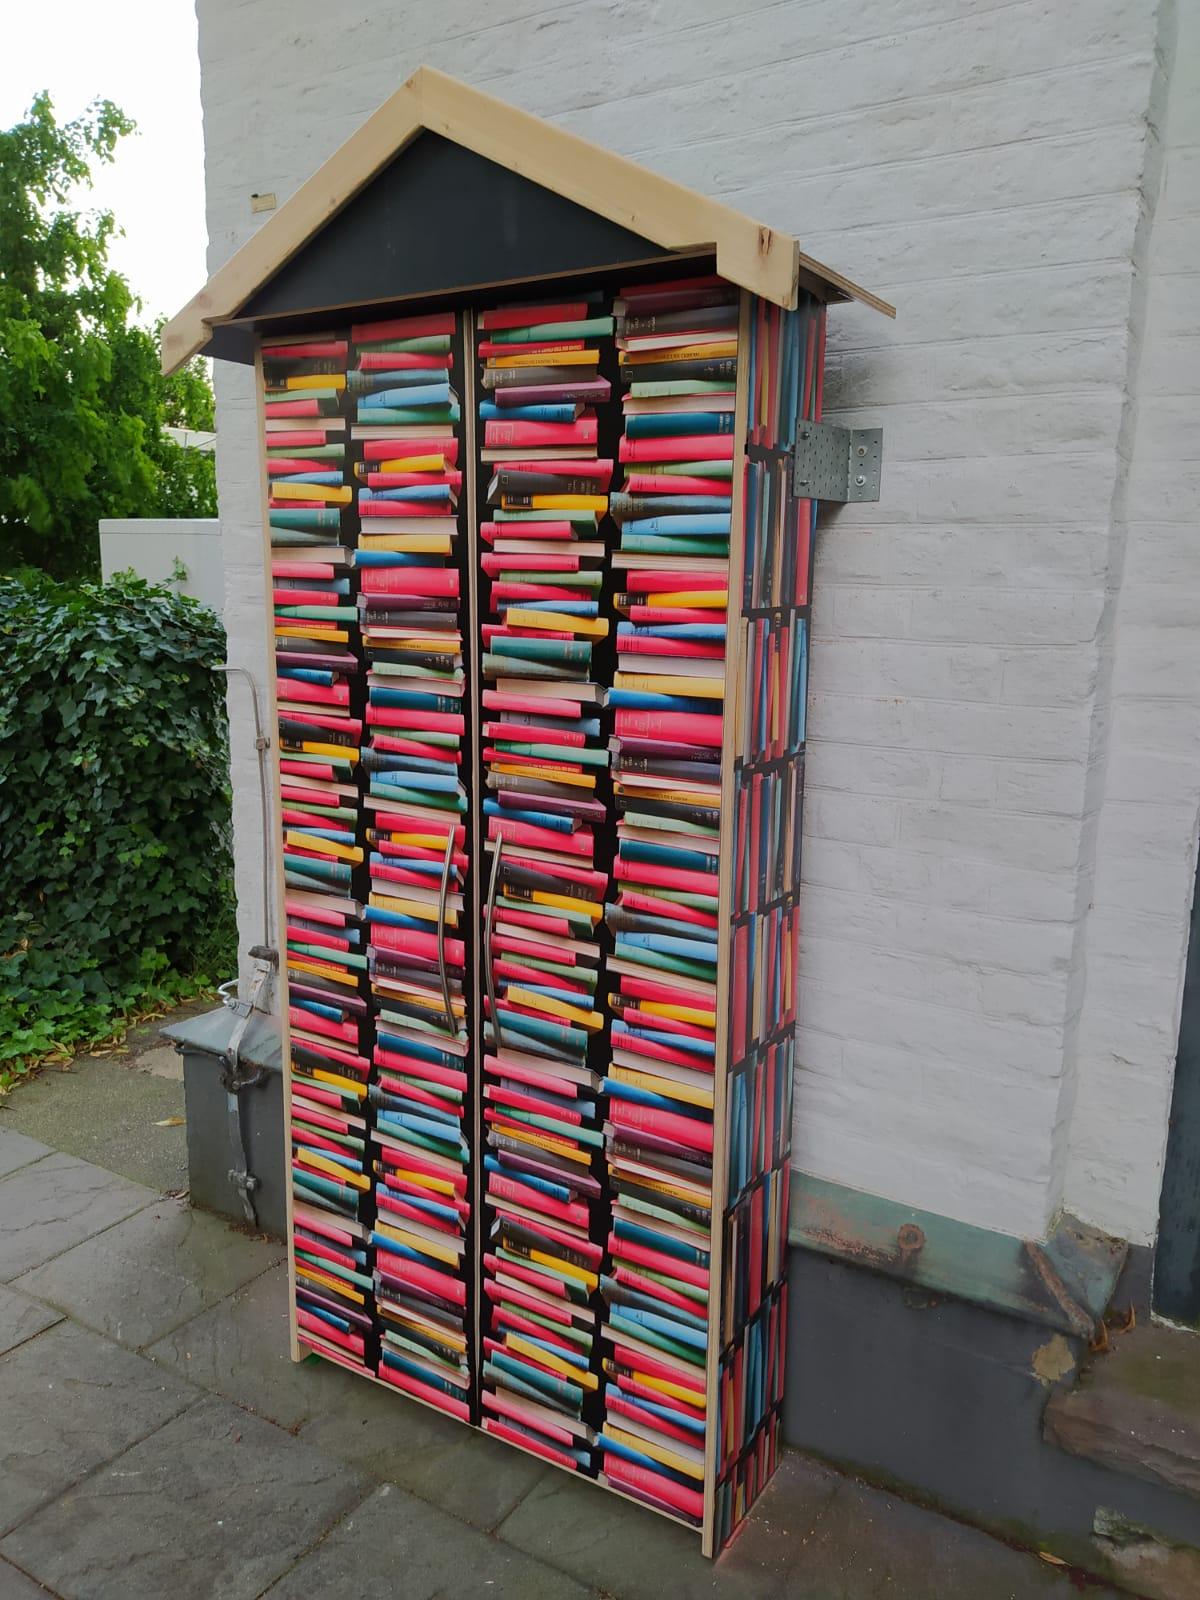 Bücherschrank an der Kirchenwand. Beklebt mit einer Folie mit bunten Büchern